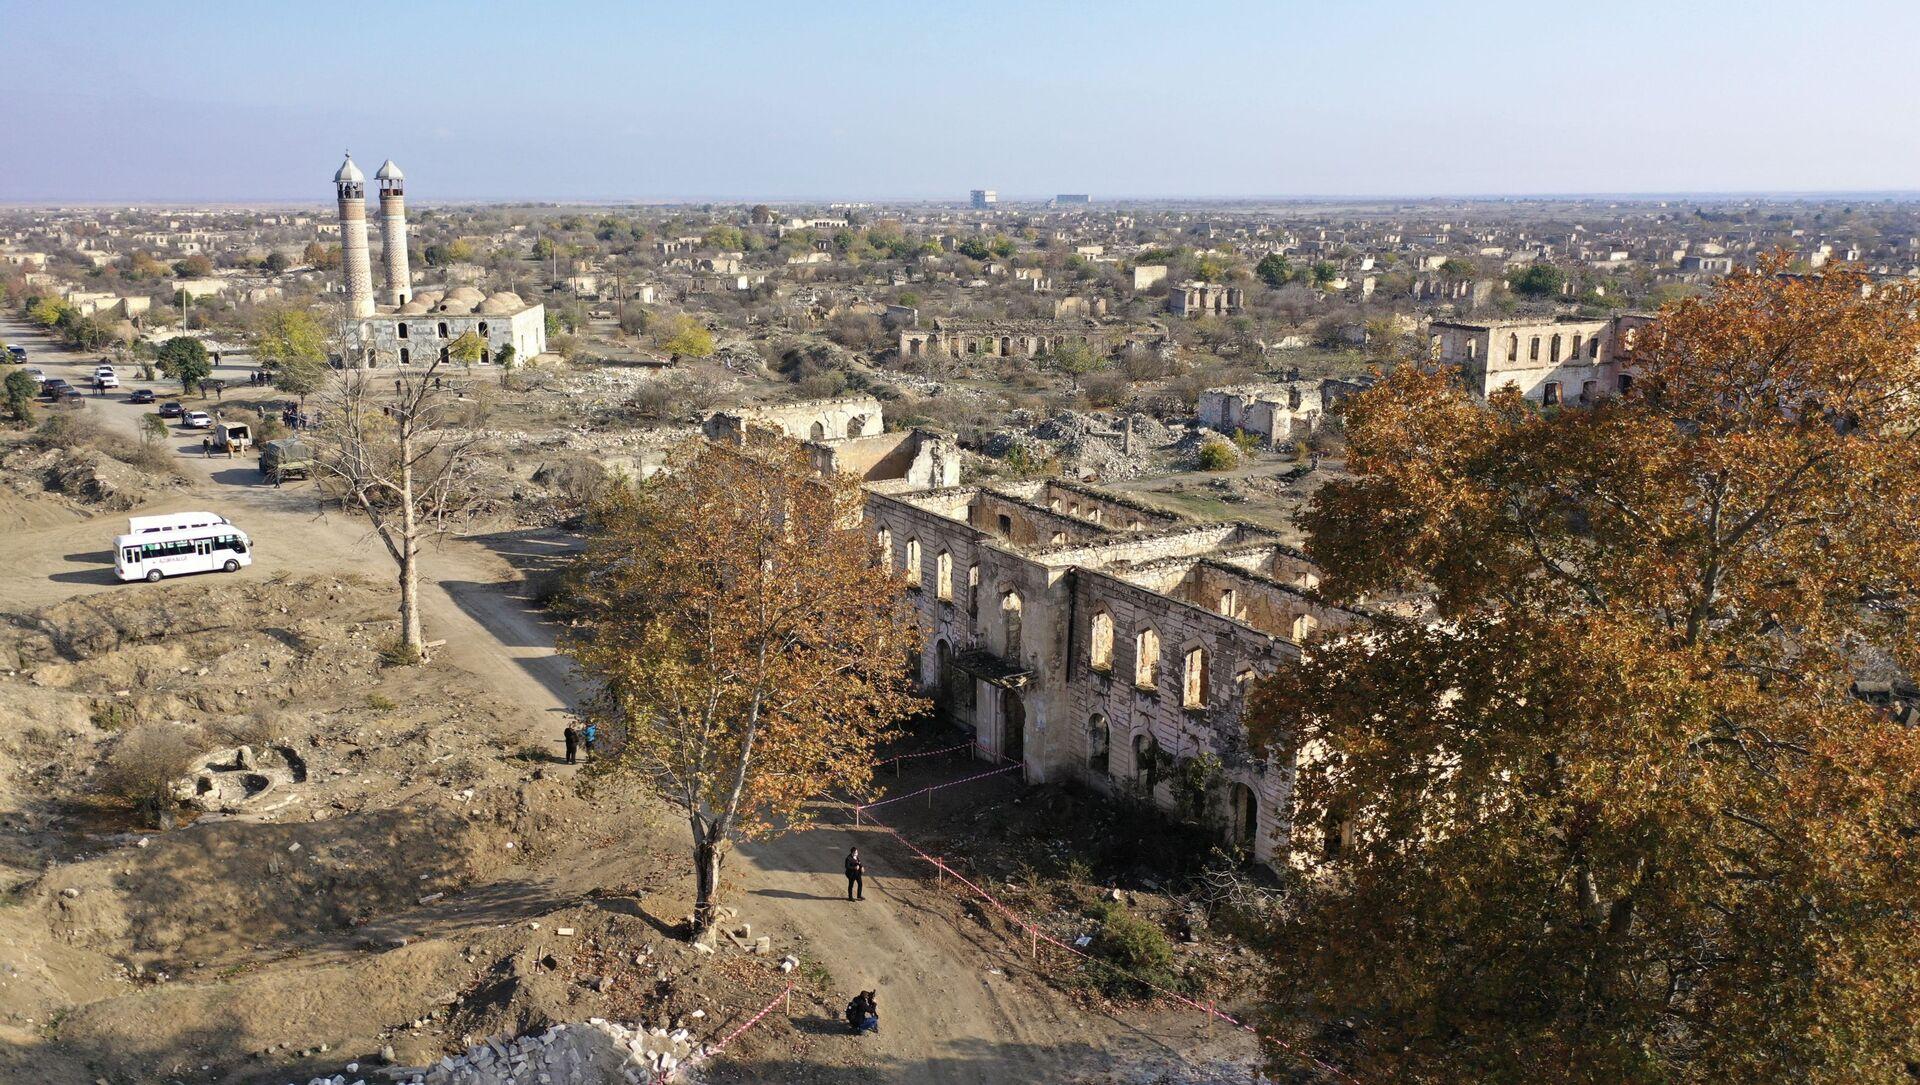 Вид на разрушенный город Агдам с высоты птичьего полета - Sputnik Азербайджан, 1920, 18.04.2021